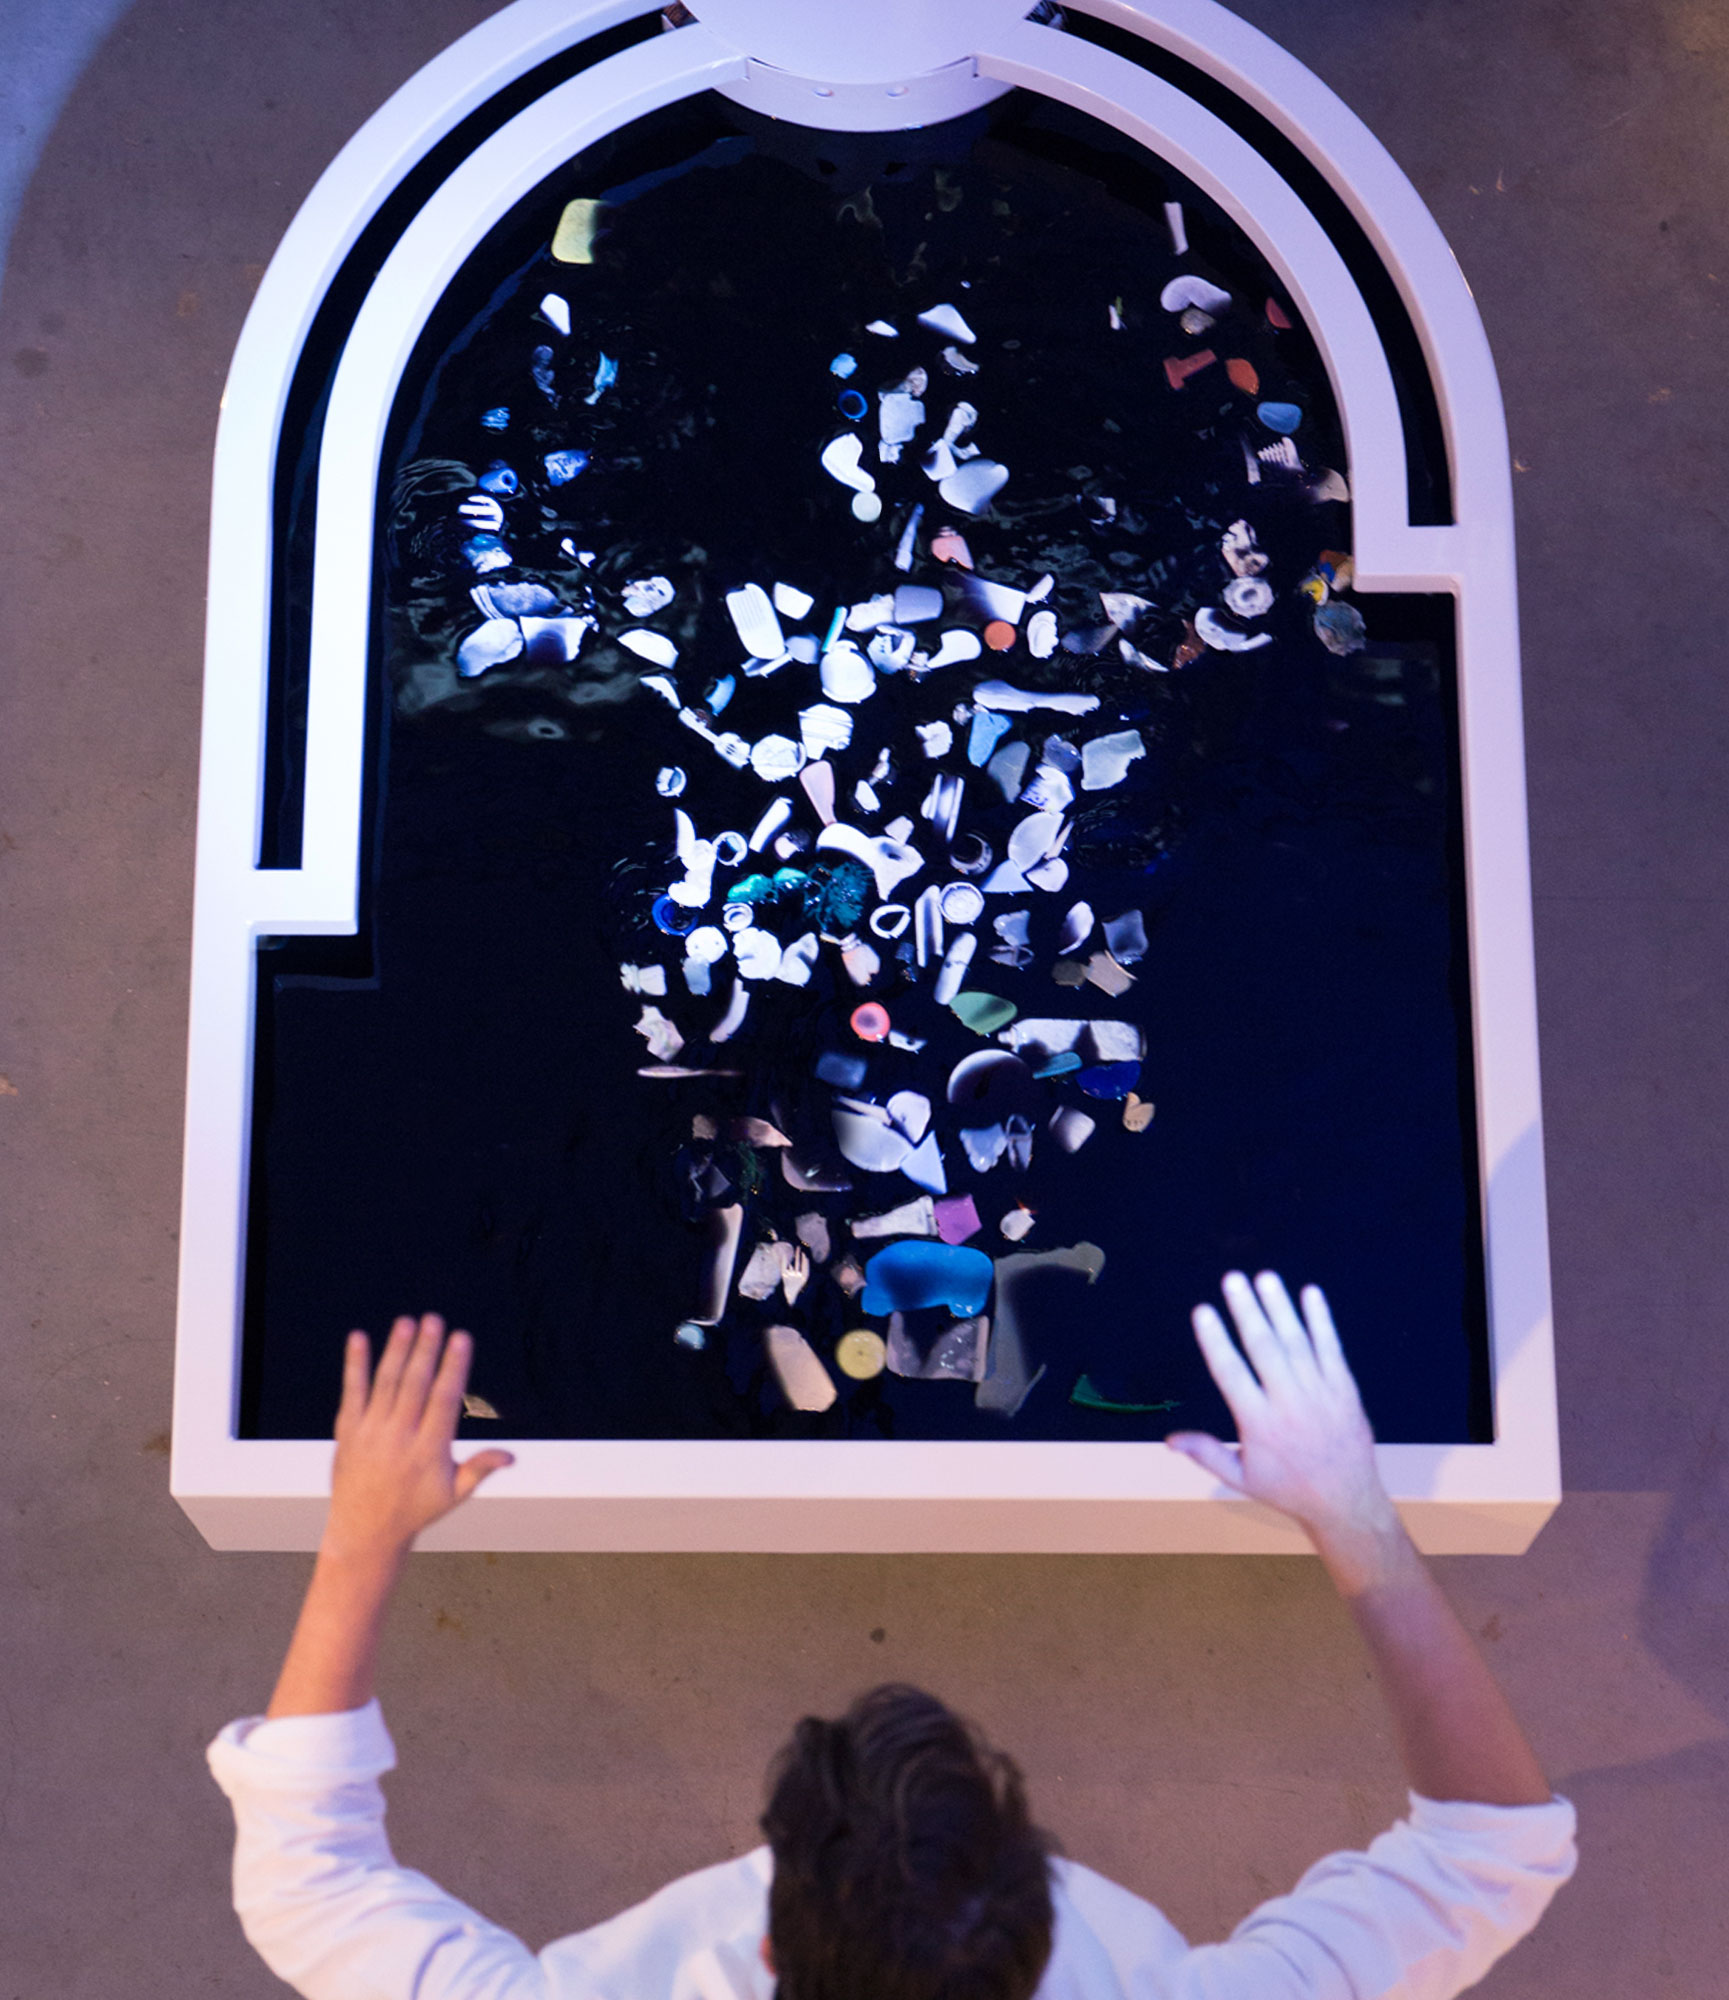 Plastic-reflectic-interactiveinstallation-thijsbiersteker-6